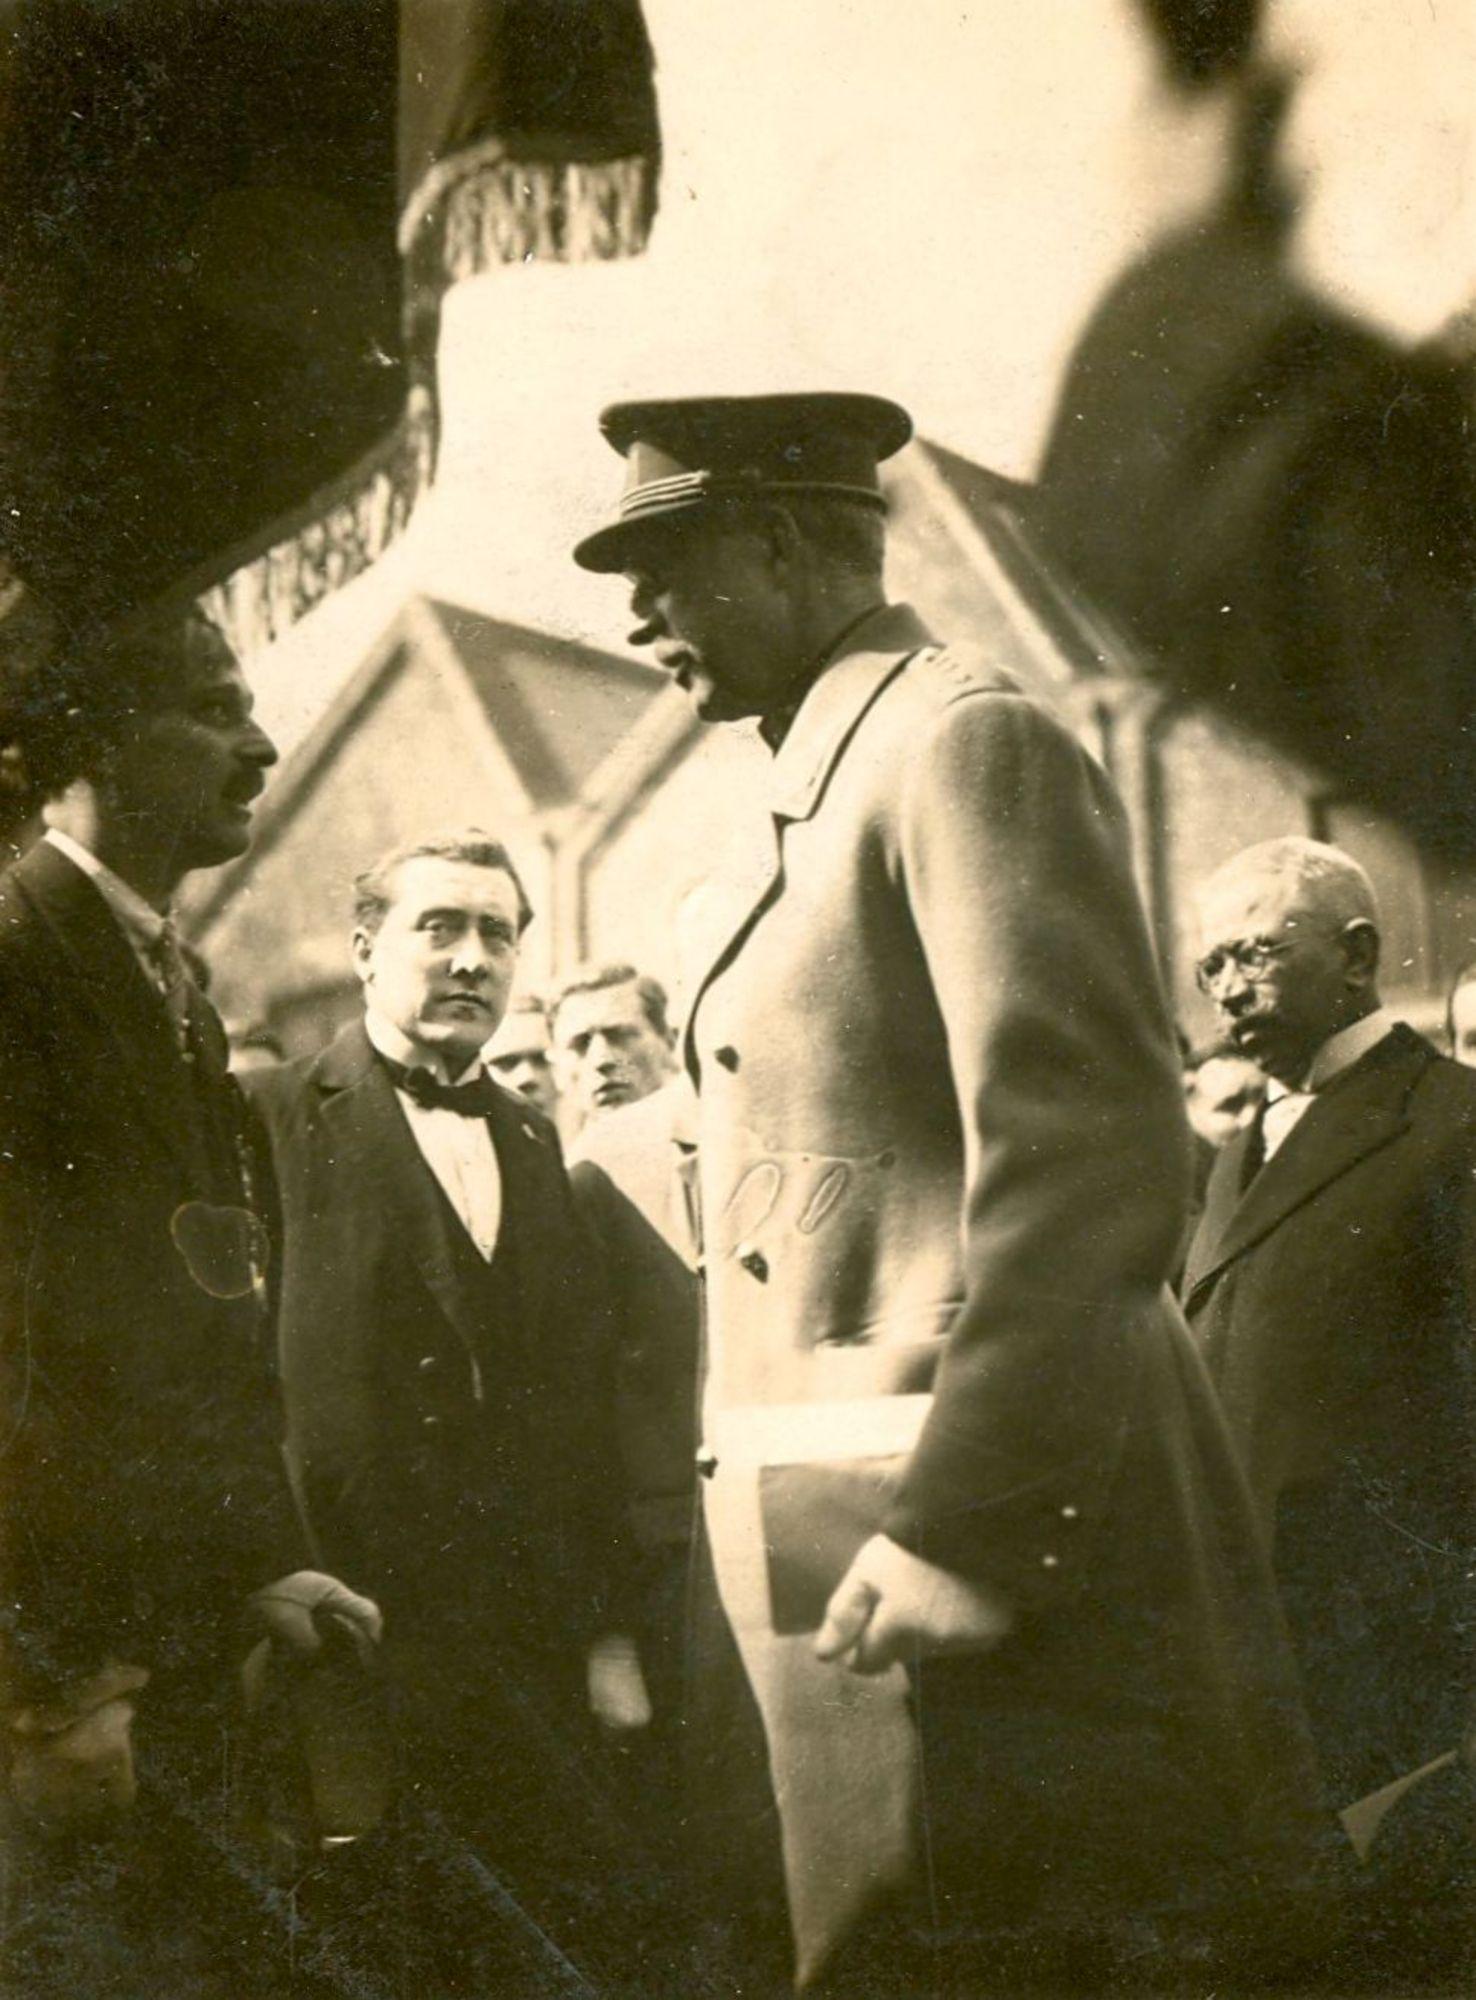 Koning Albert I bij de gebroeders De Coene